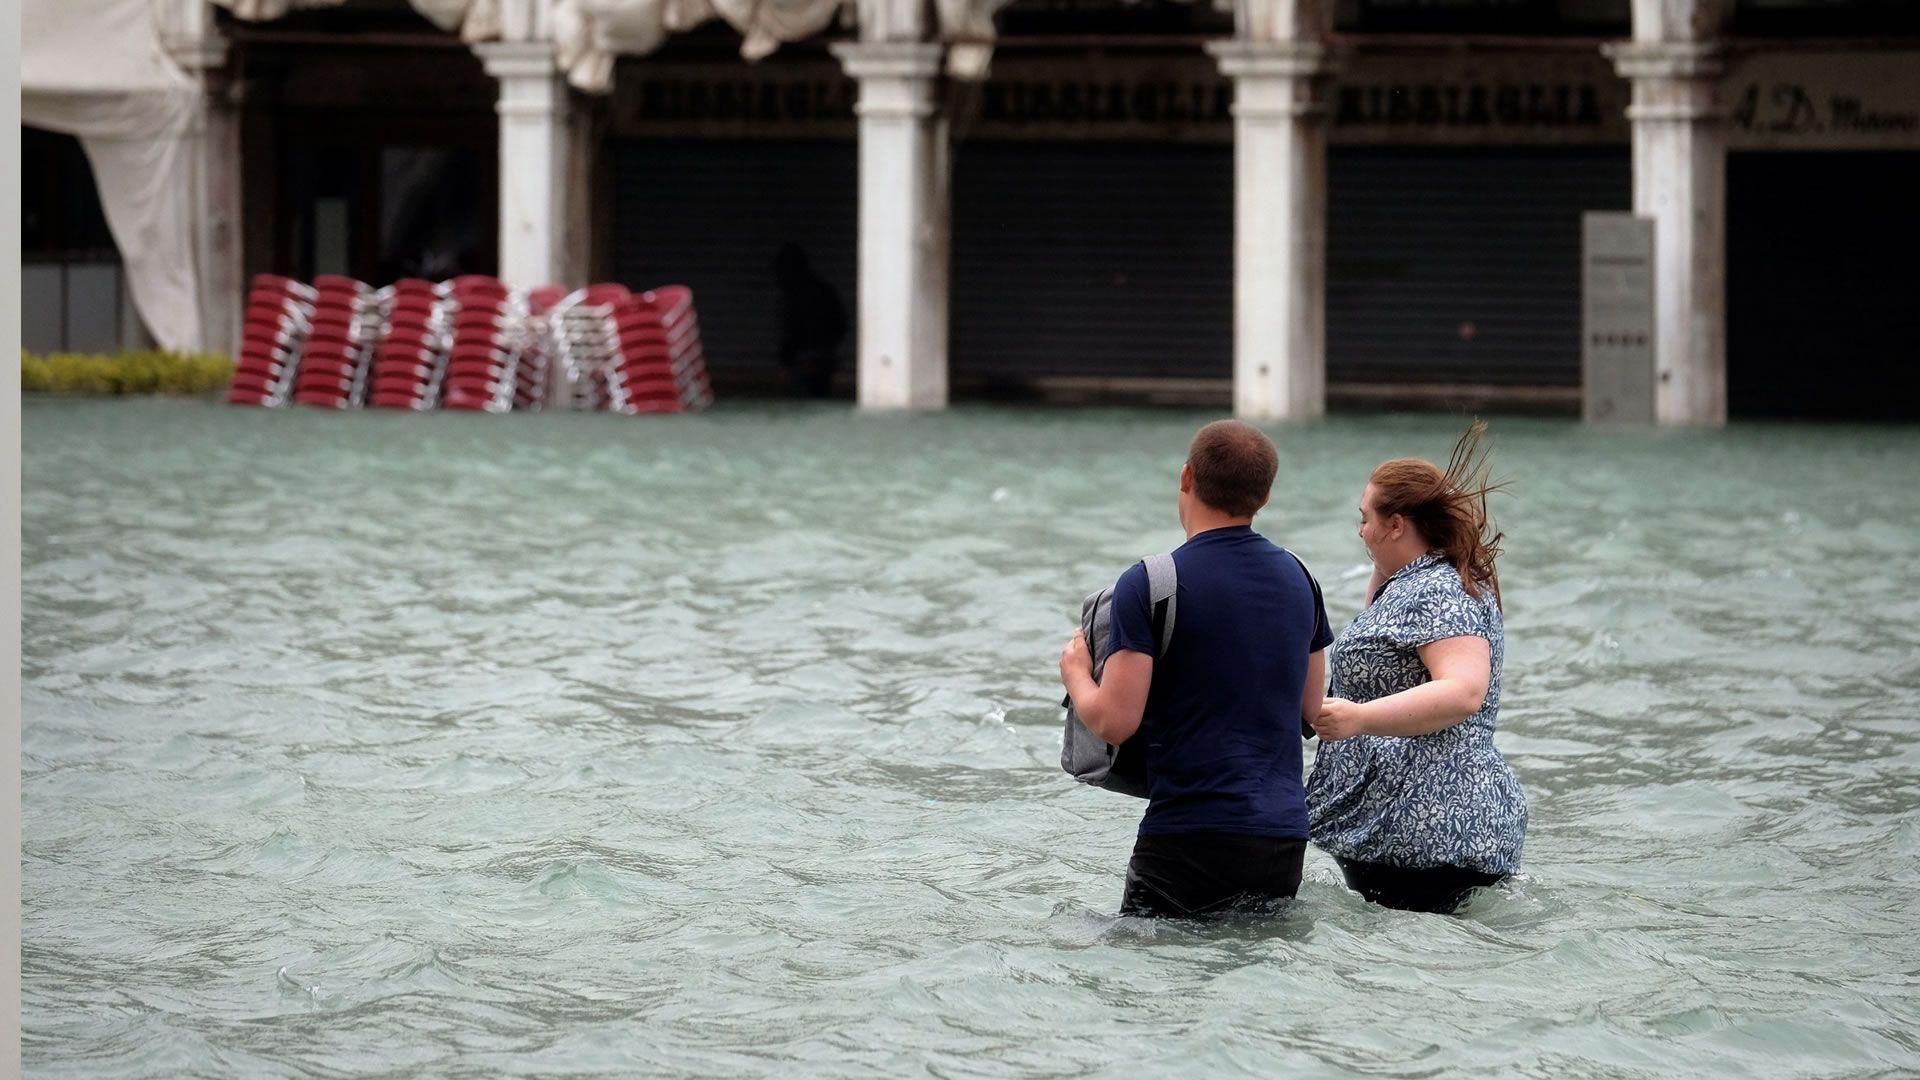 Inundaciones en Venecia. ¿Se puede viajar a la ciudad?